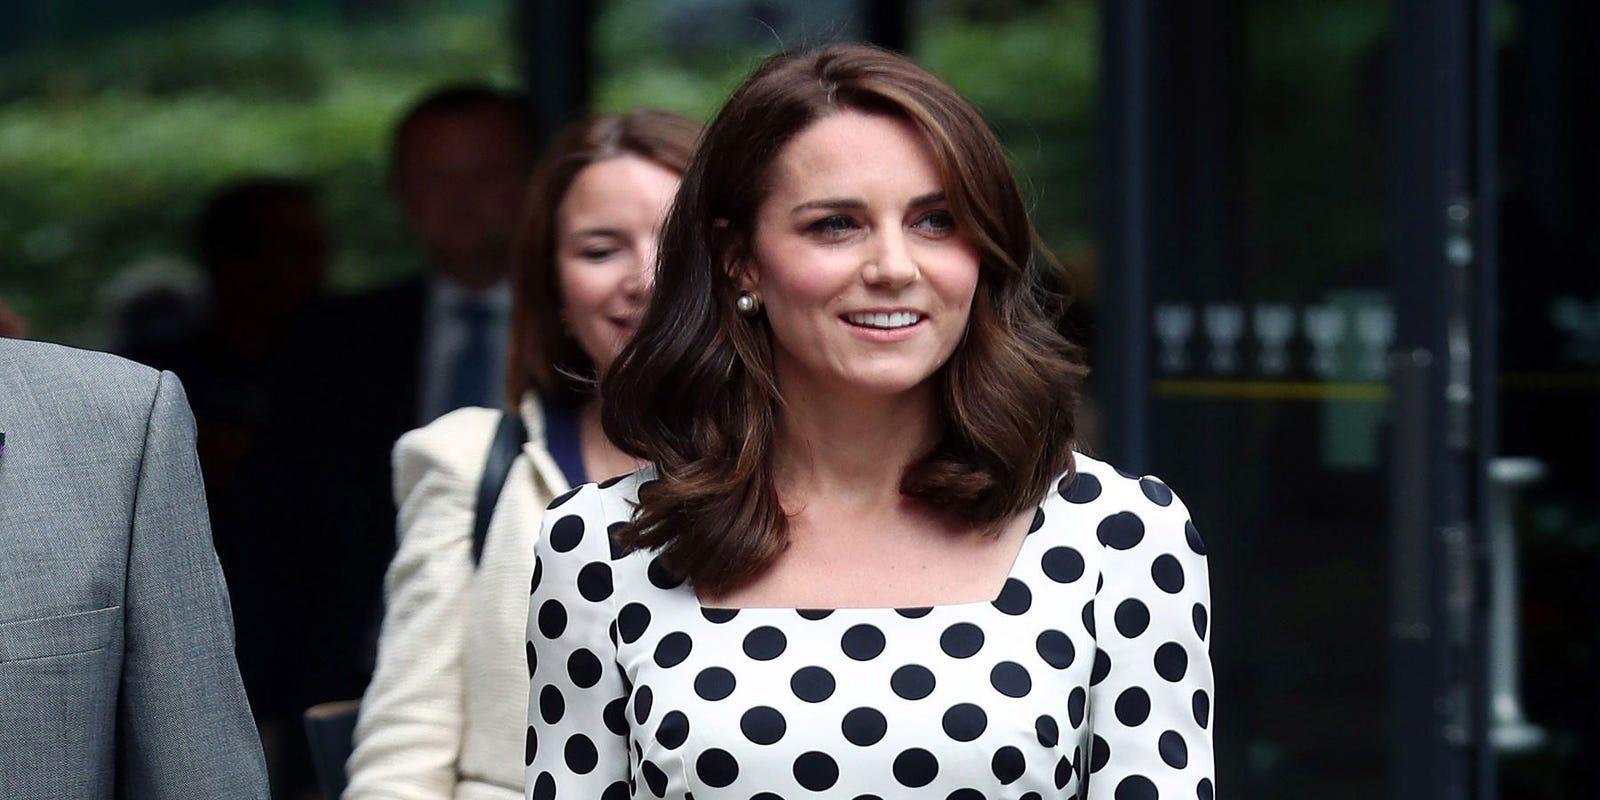 24cf94942aa288 Duchess Kate looks youthful in polka dot dress